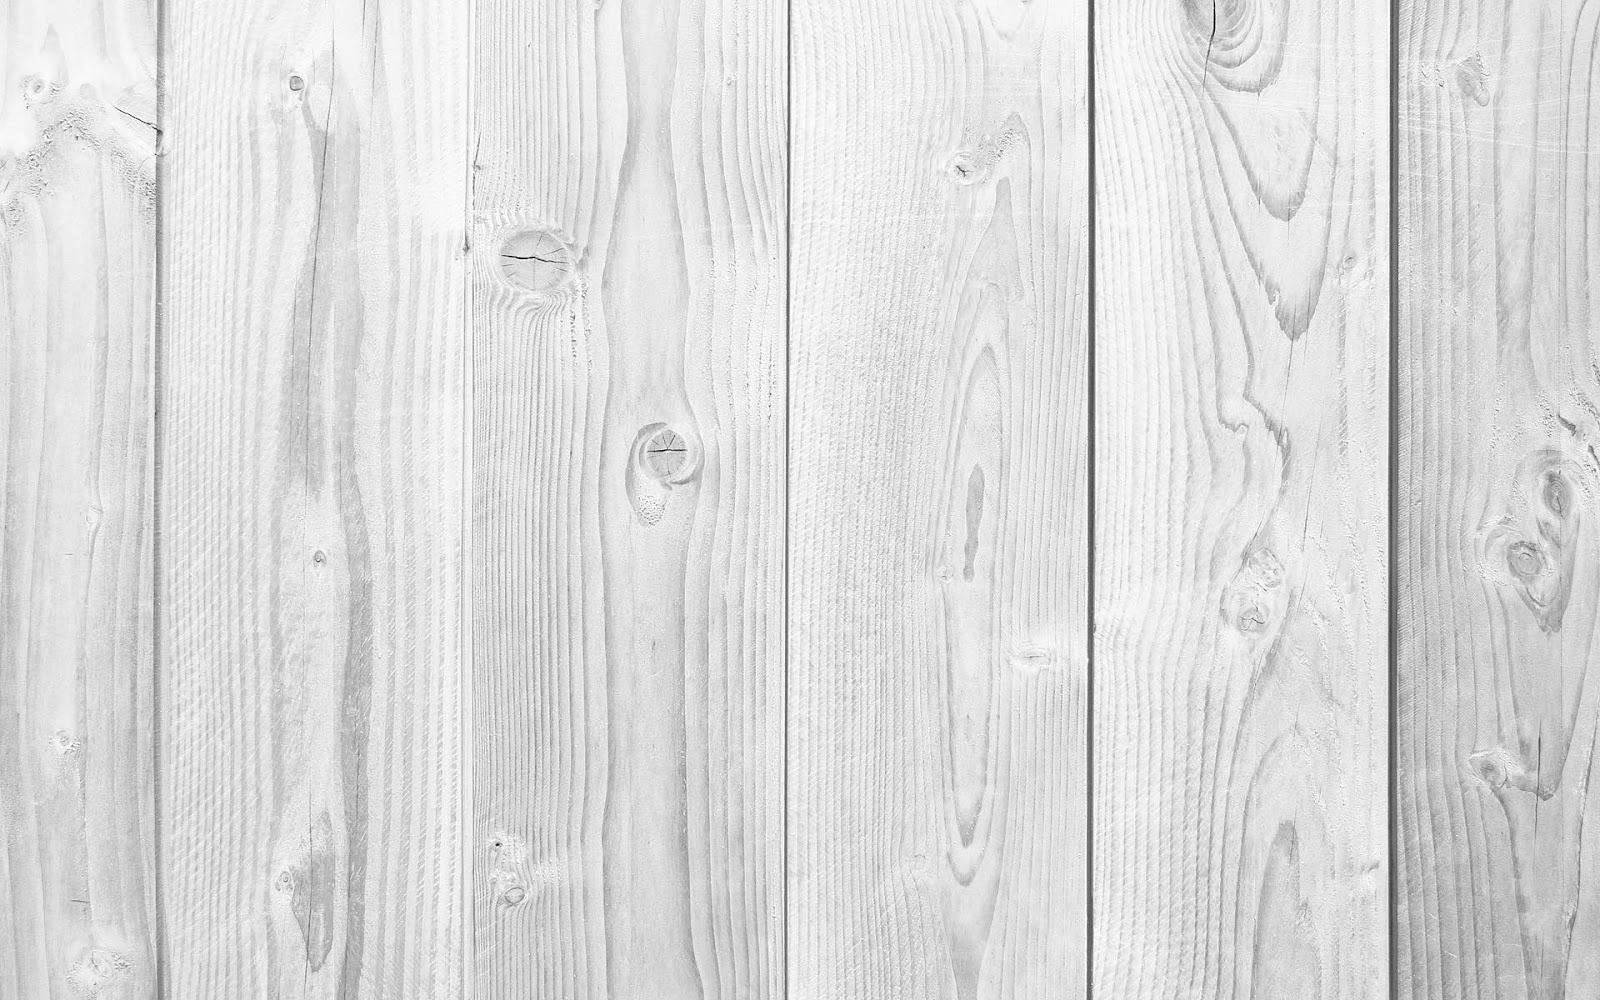 houten achtergronden hd - photo #28